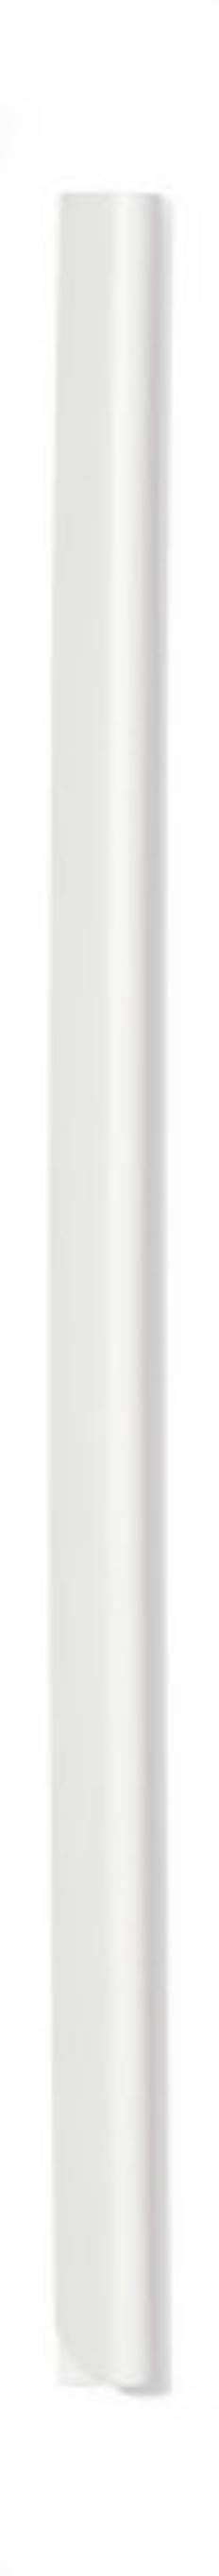 Скрепкошина для документов А4, 3 мм, белая фото